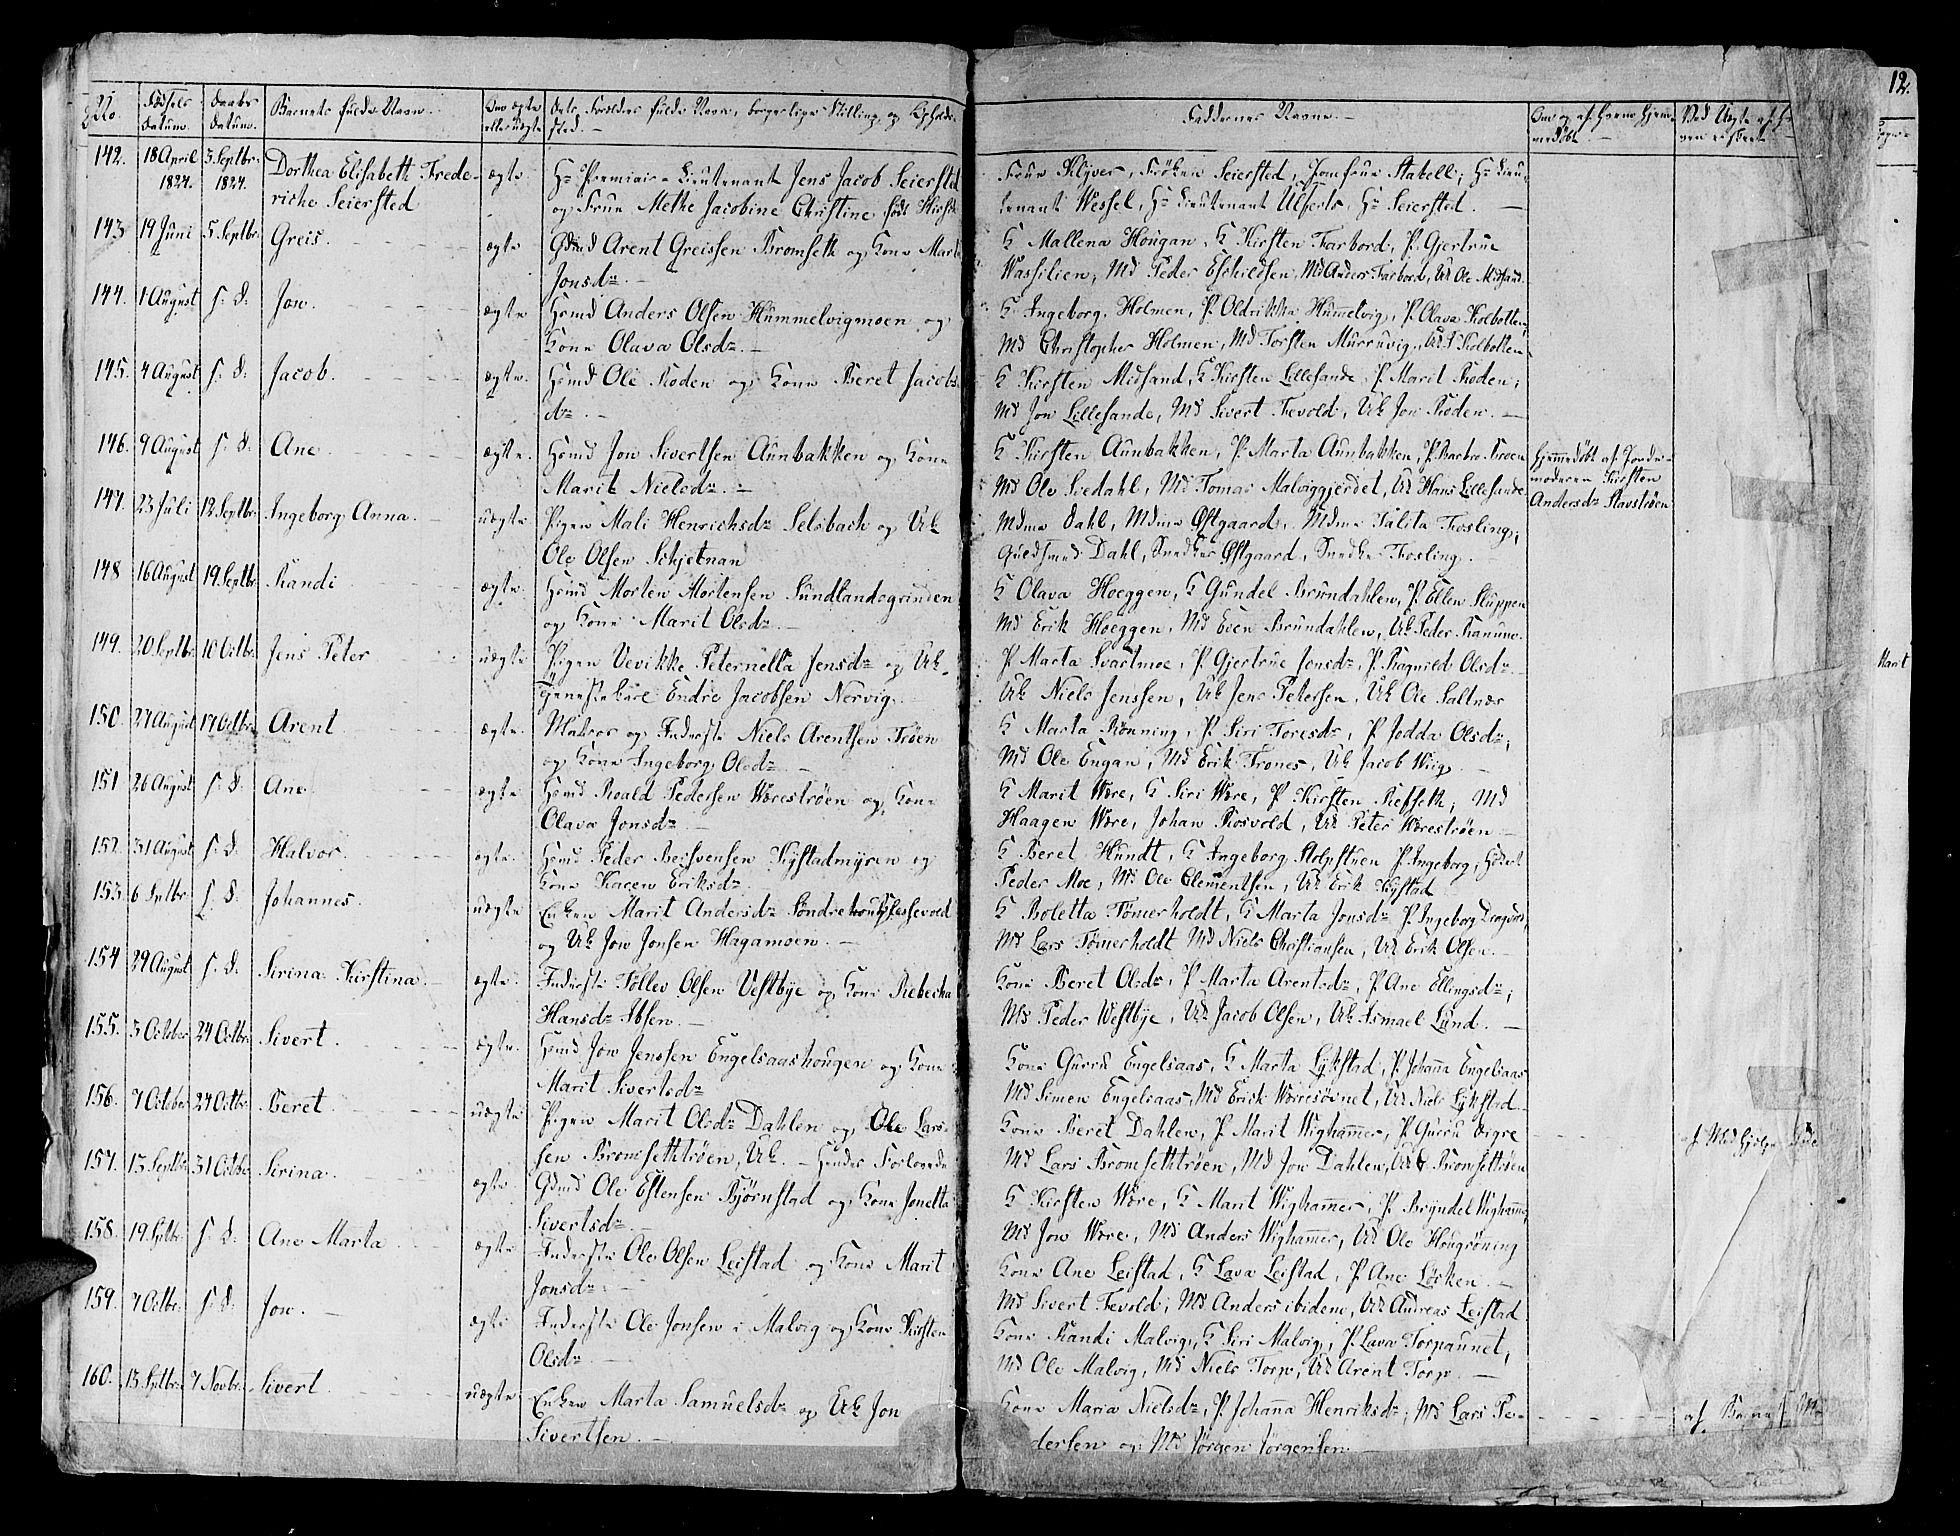 SAT, Ministerialprotokoller, klokkerbøker og fødselsregistre - Sør-Trøndelag, 606/L0286: Ministerialbok nr. 606A04 /1, 1823-1840, s. 9